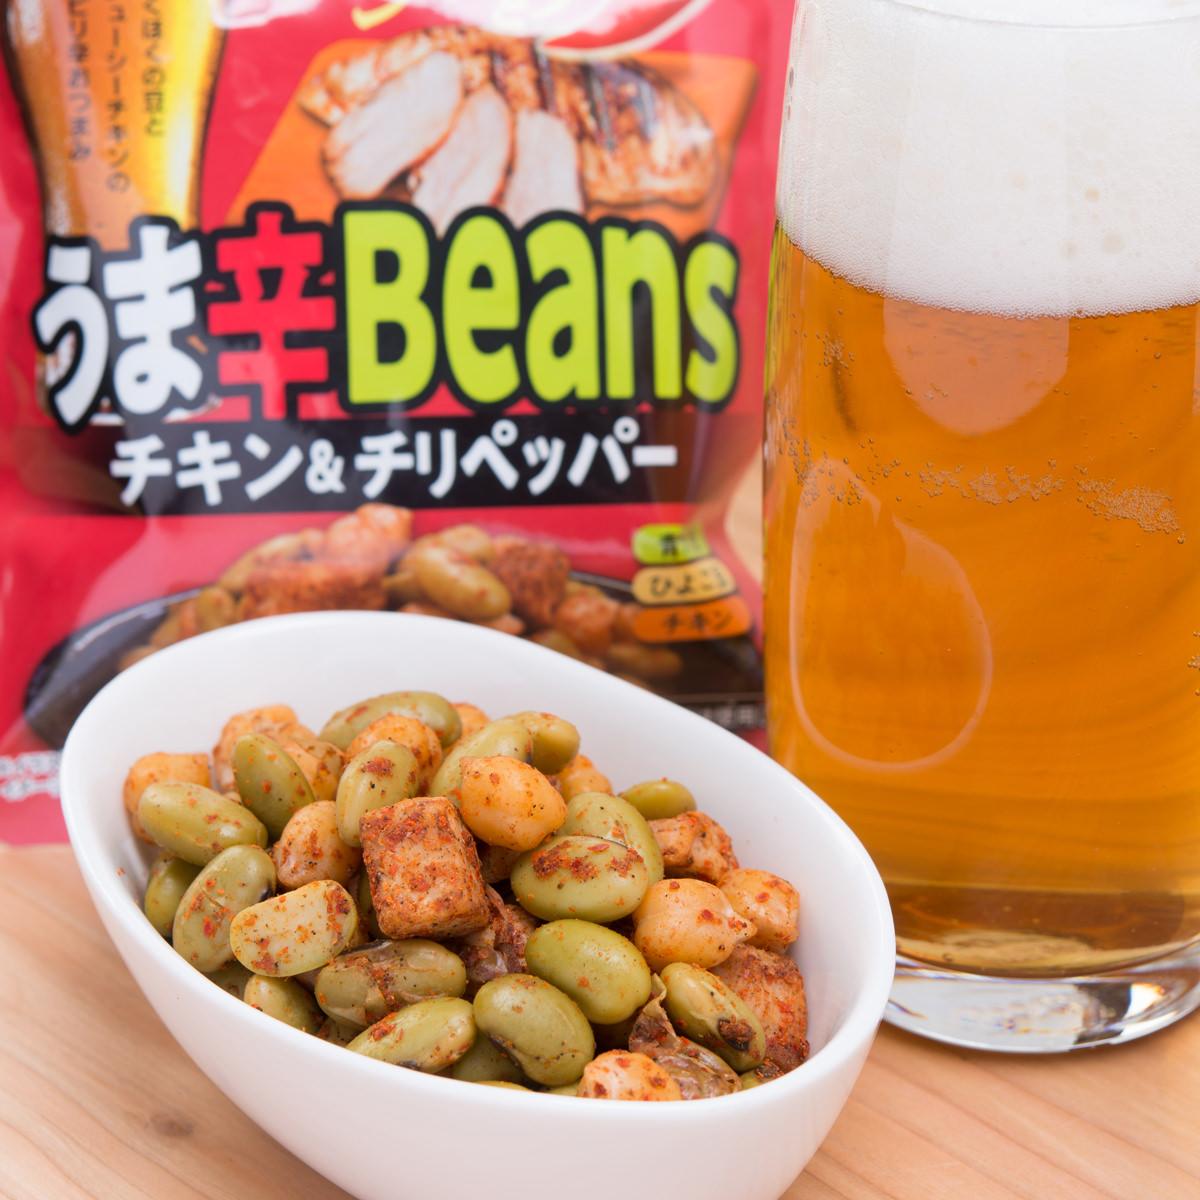 カネハツ 手を汚さずに食べられる おつまみ豆 うま辛Beans チキン チリペッパー〔60g×6〕